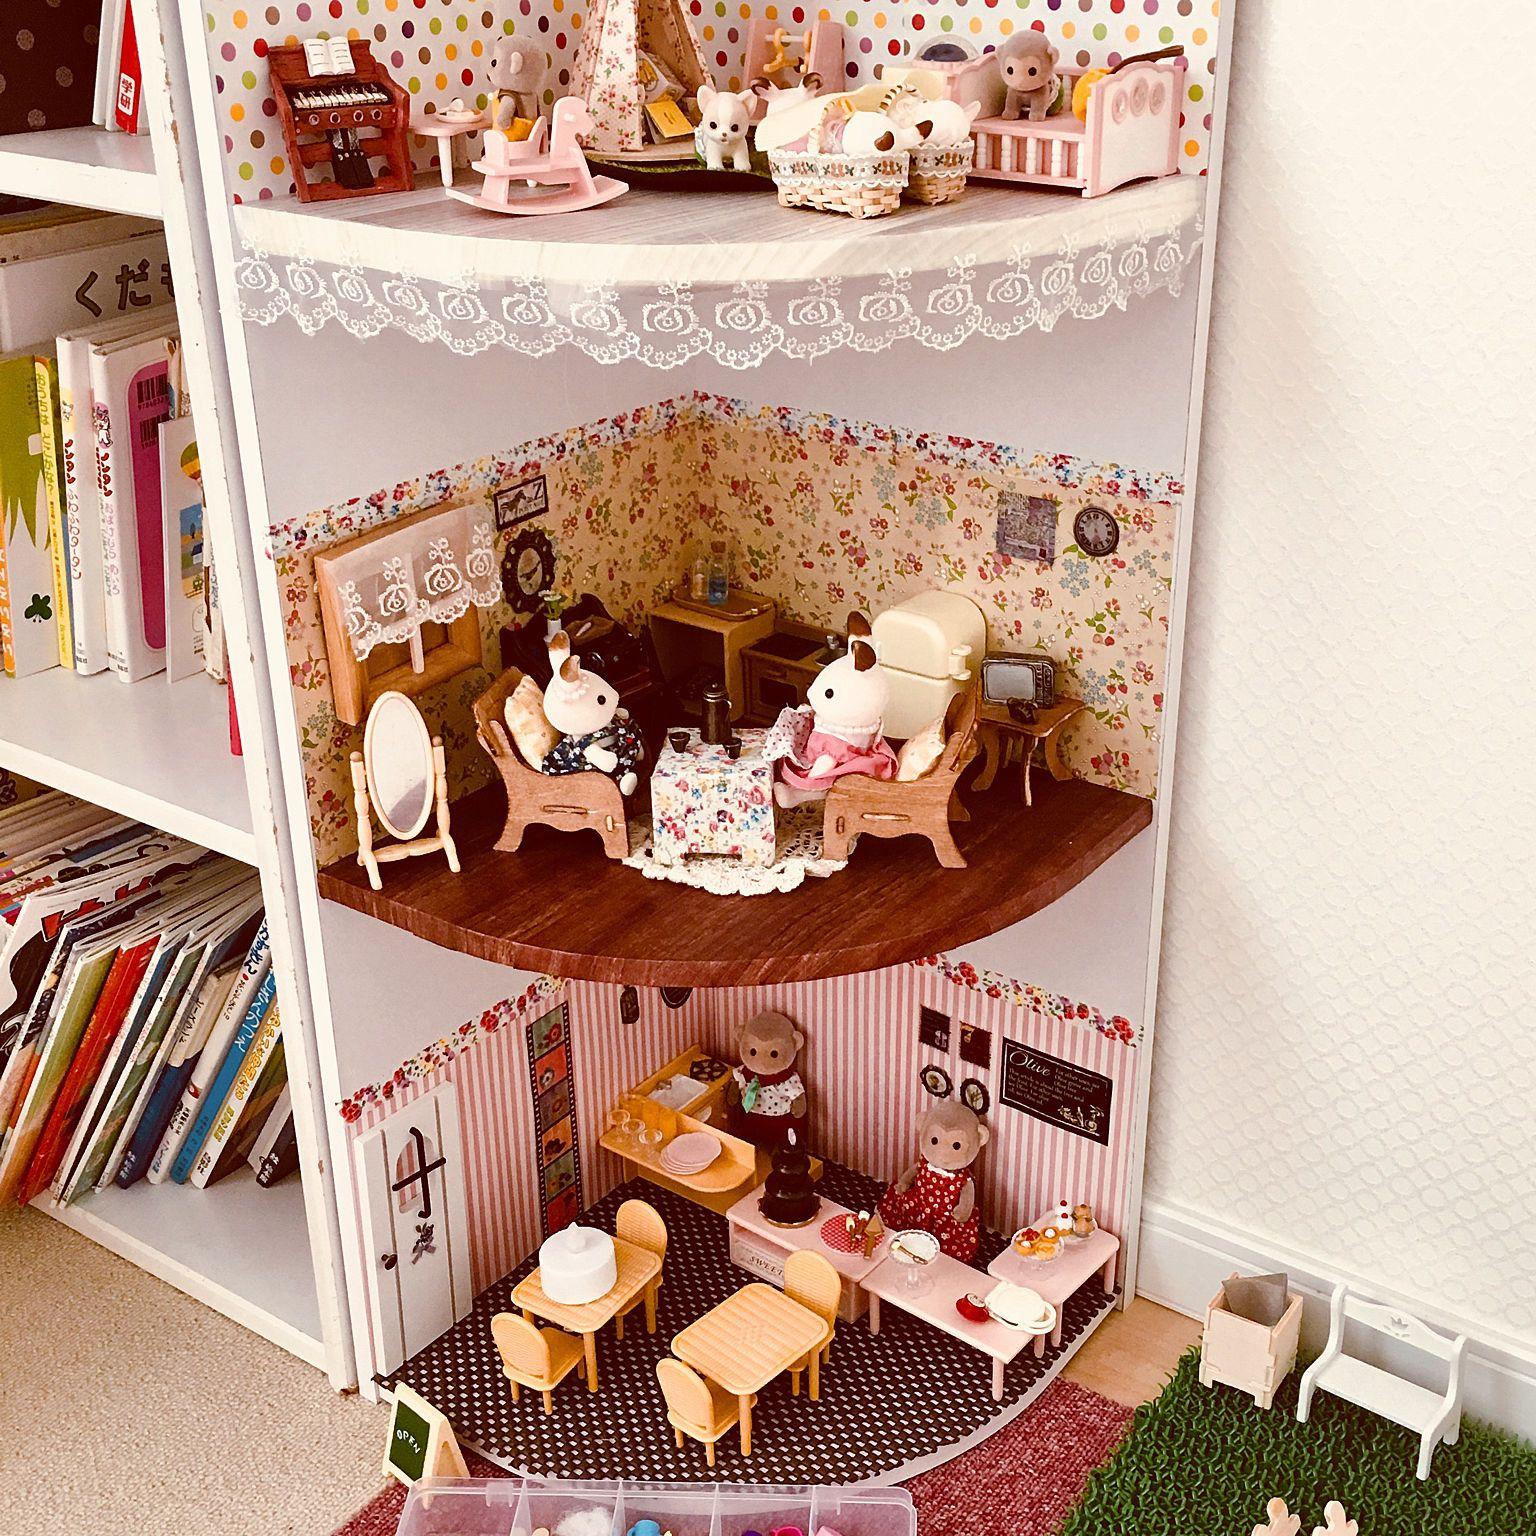 2c6e5e2f8a Daiso / Handmade / Celia / 100 Equal / Sylvania / Children Room Girls ... и  т. Д. Пример интерьера - 2018-02-11 00:29:42 | RoomClip (зажим для комнаты)